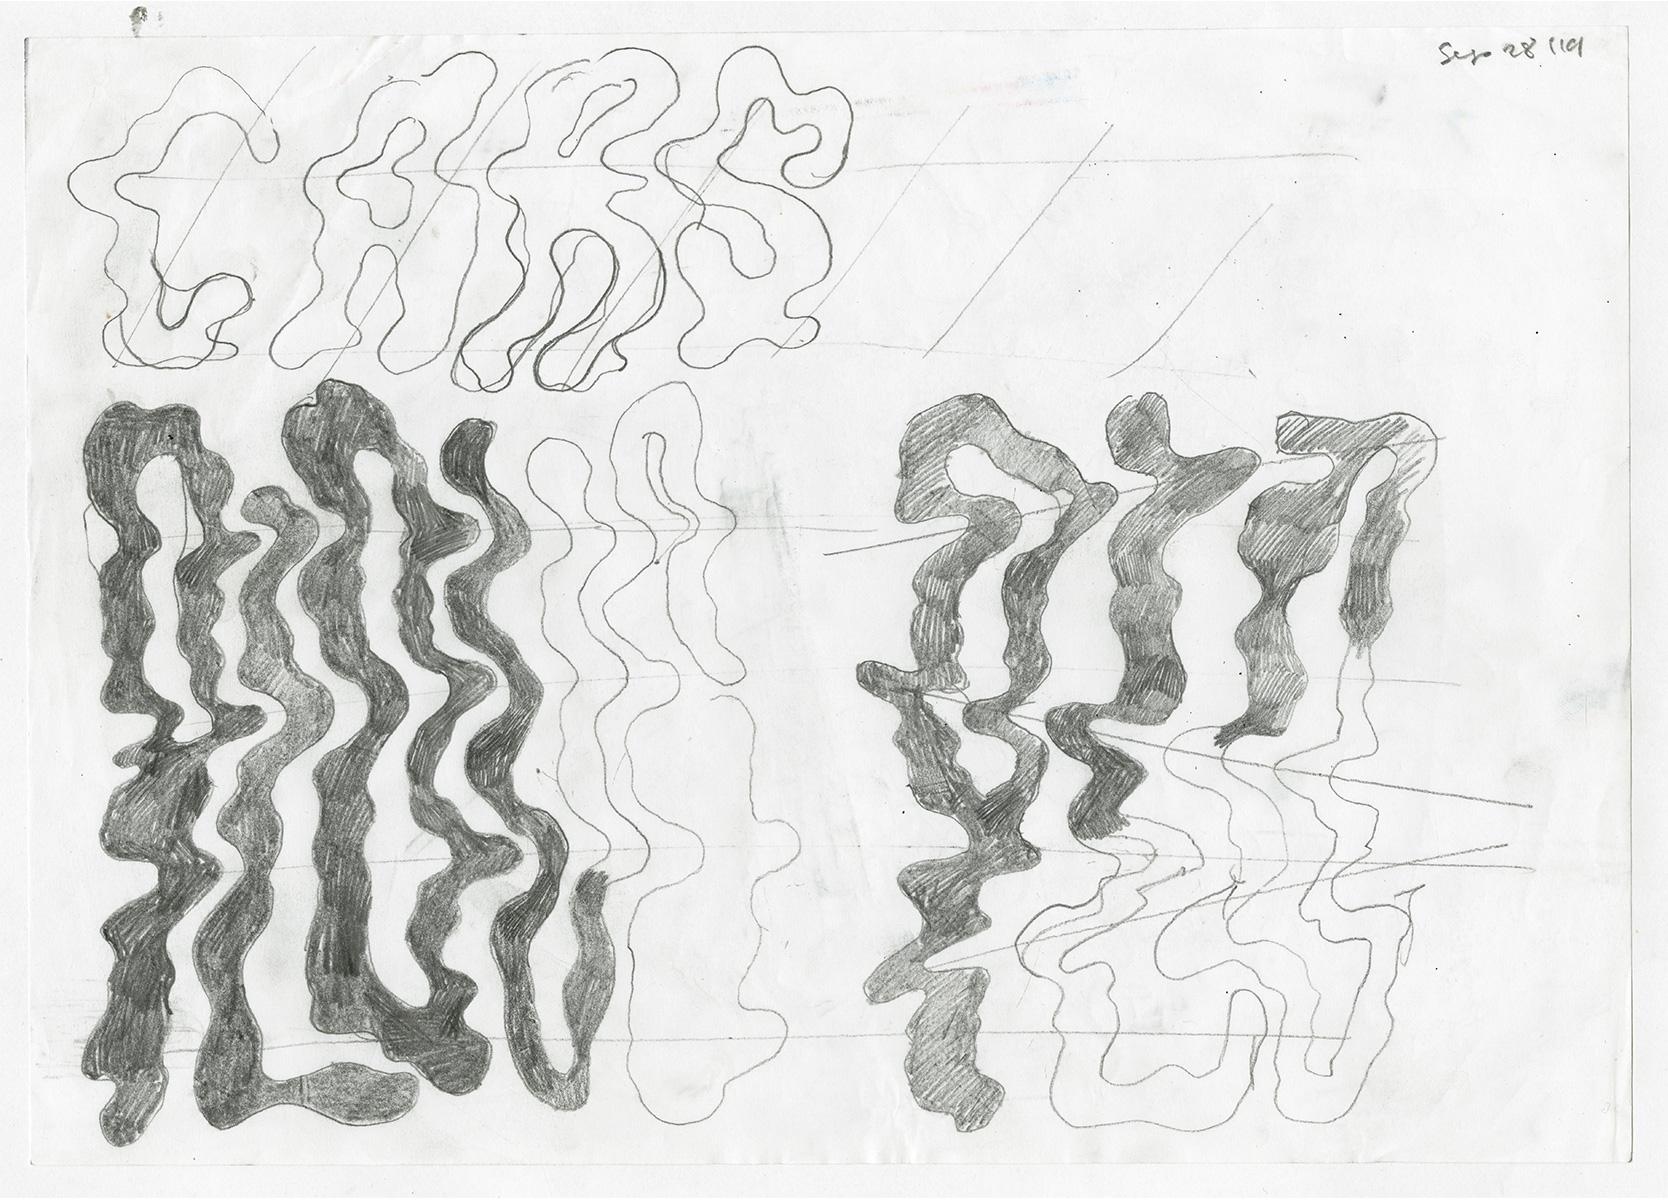 Lettering sketch